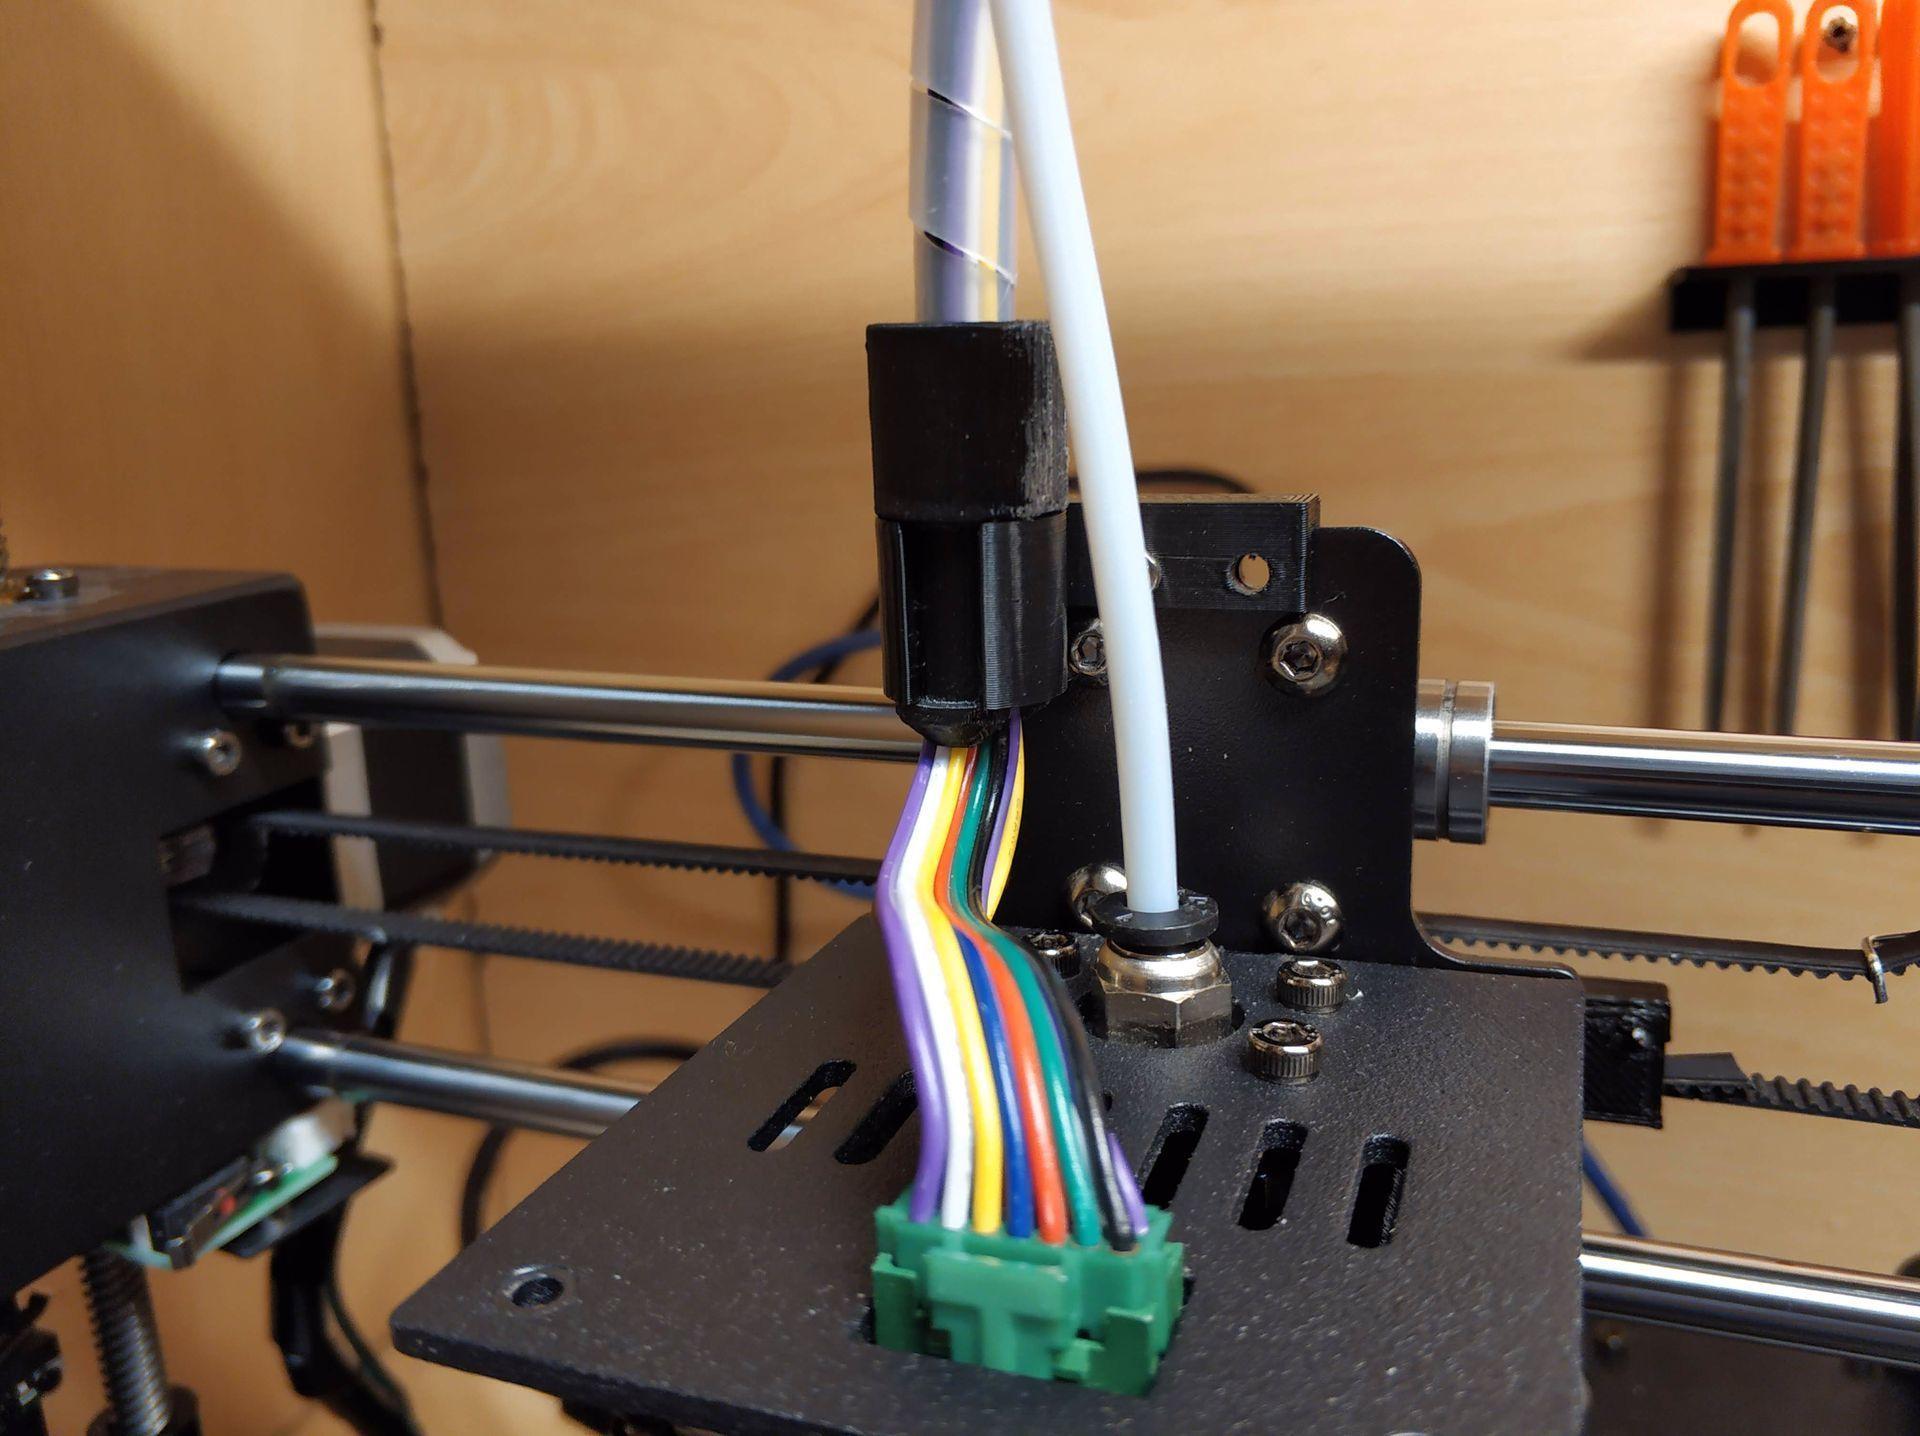 IMG_20200118_185109.jpg Download free STL file Anycubic i3 mega - Sostegno cablaggio estrusore • 3D printing template, Scigola